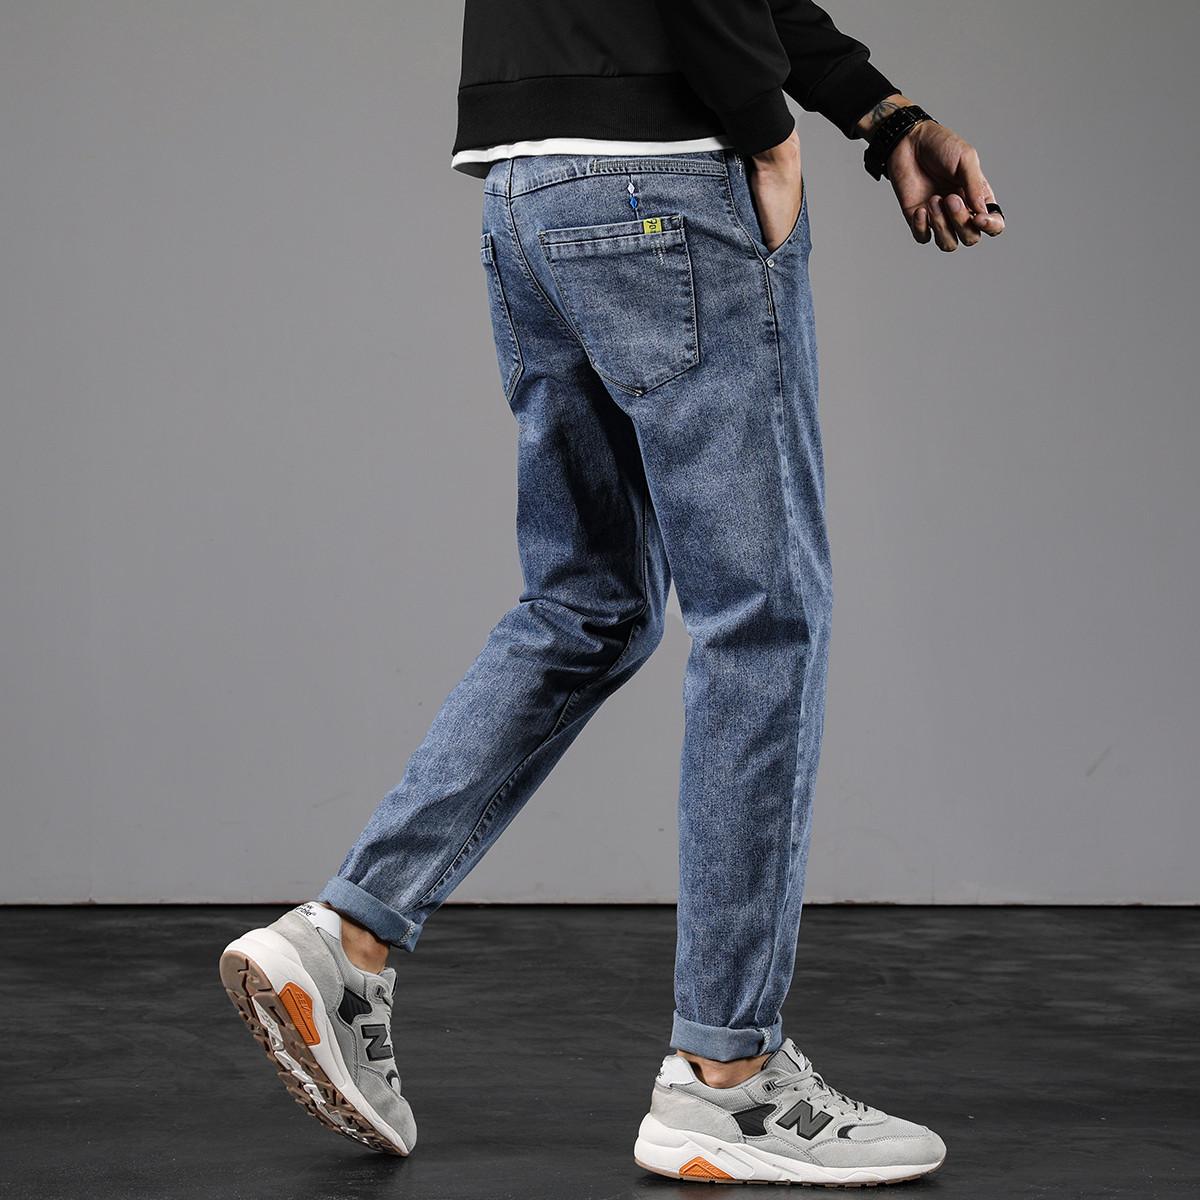 【风尚系列】罗蒙春季新品潮流修身小脚裤棉弹舒适男士牛仔裤